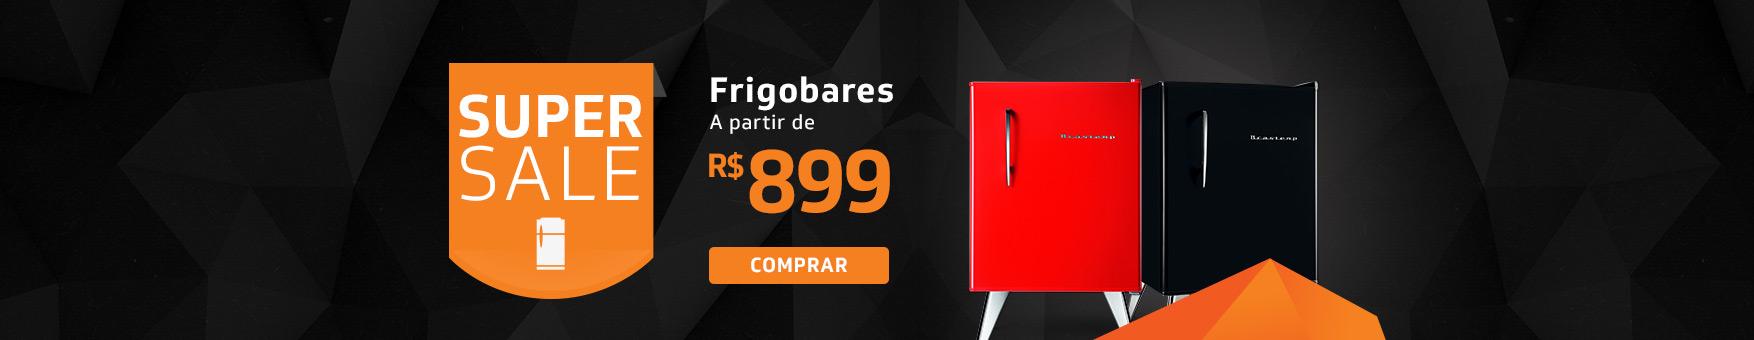 Promoção Interna - 98 - super sale_frigobares_home_29062015 - frigobares - 3